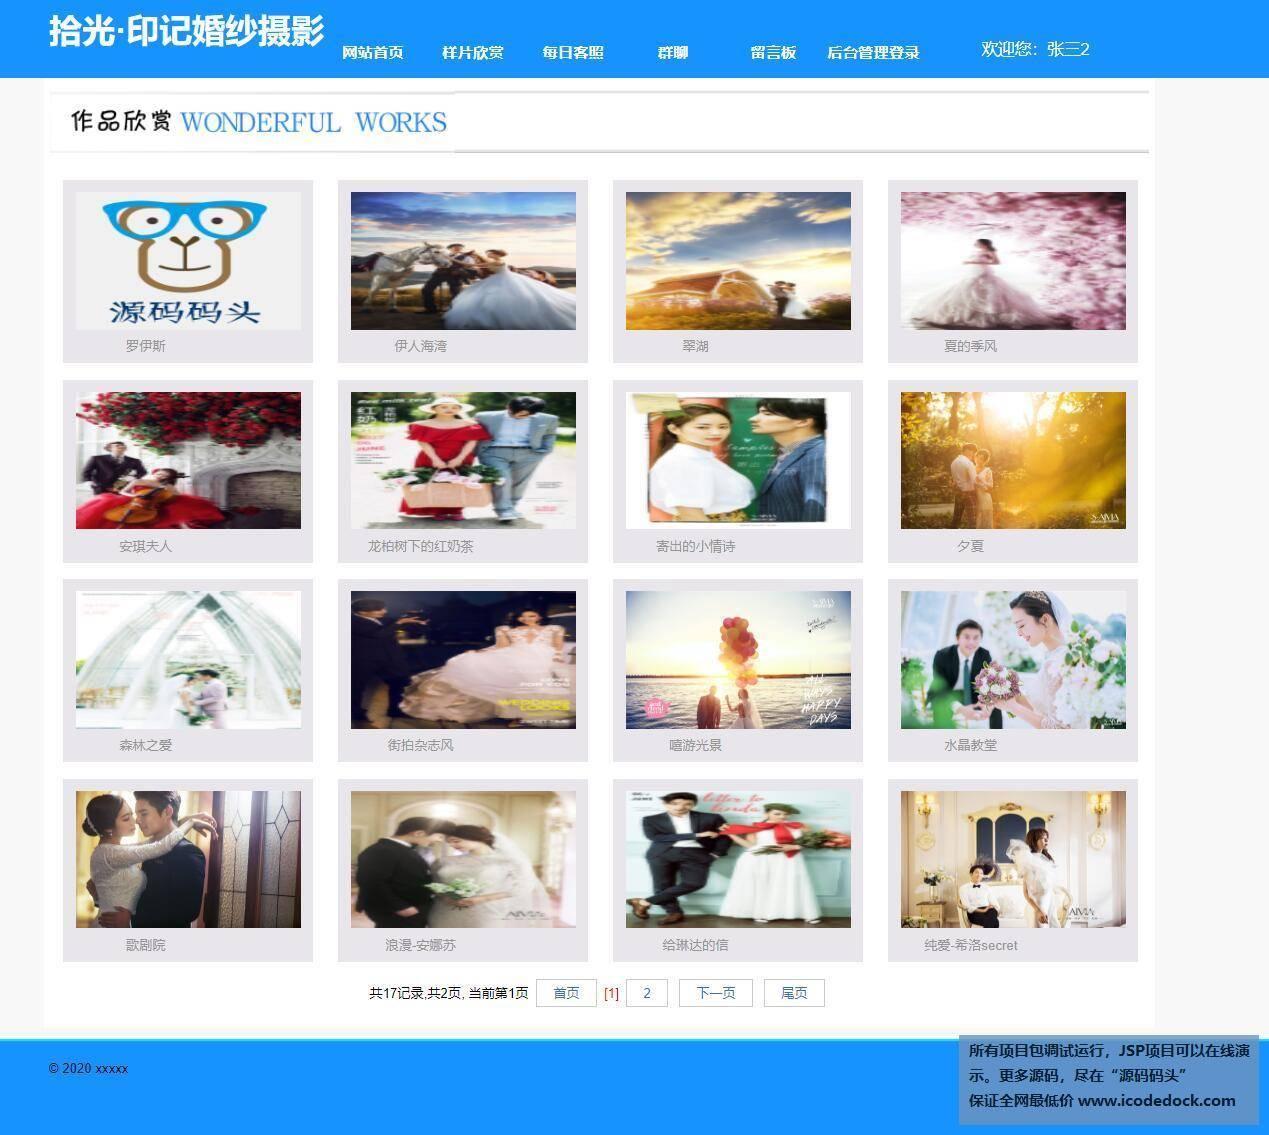 源码码头-SSH在线婚纱摄影网站系统-用户角色-样片欣赏